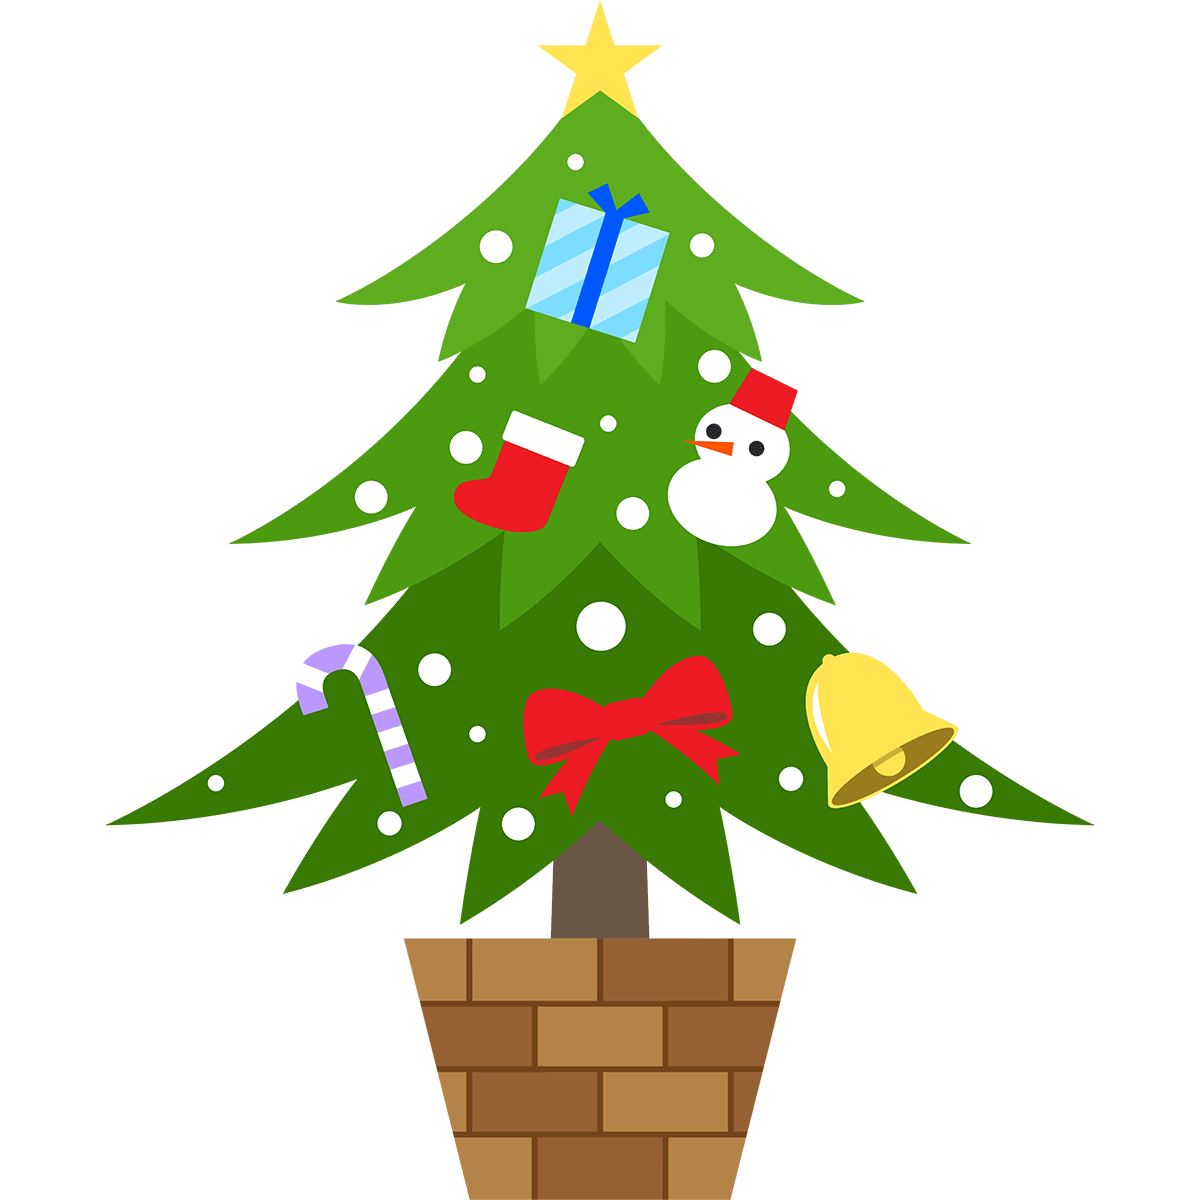 豪華なクリスマスツリーの無料イラスト